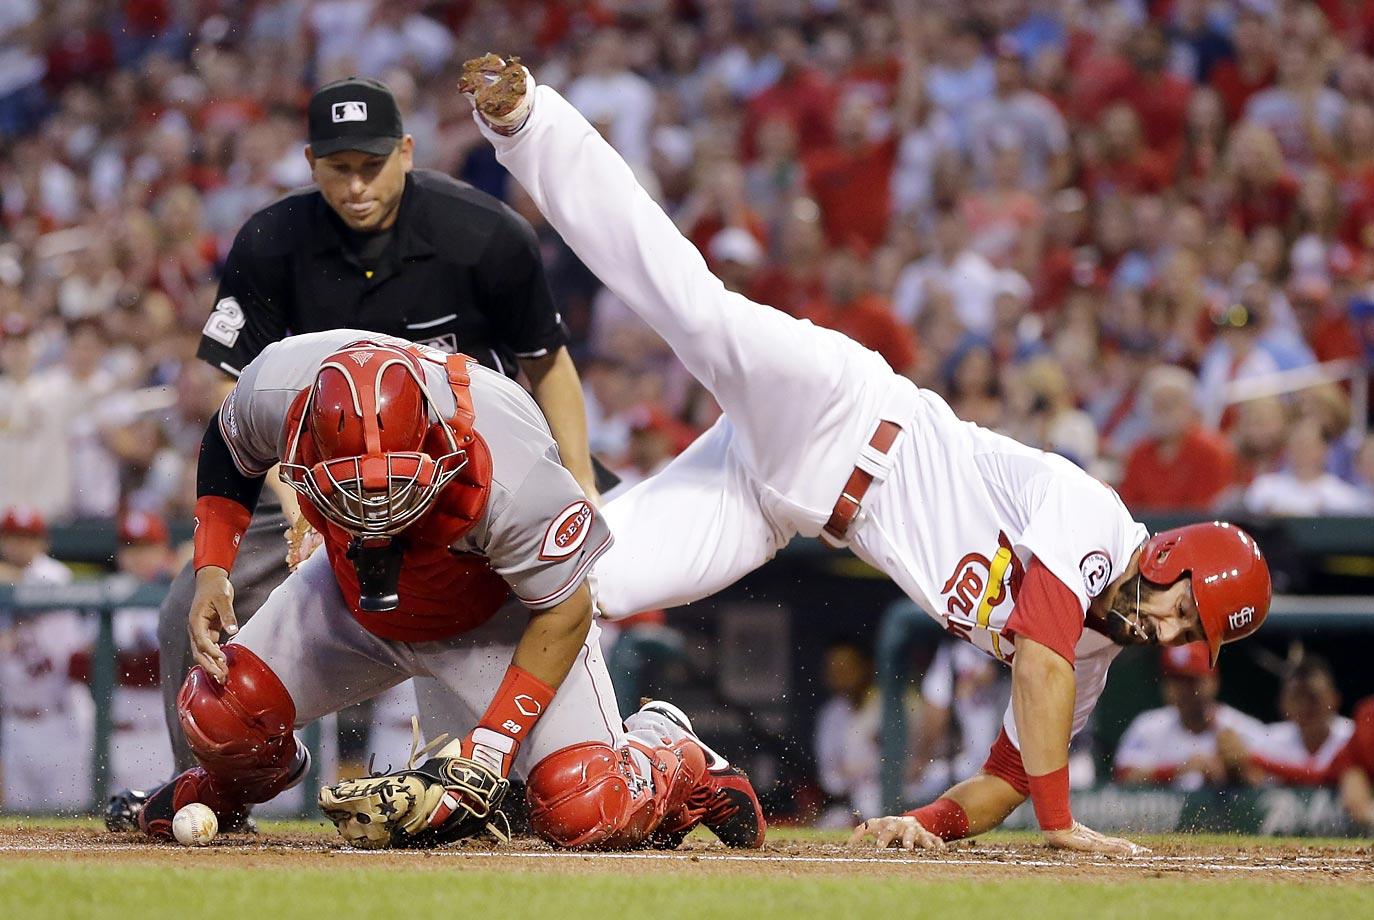 Matt Carpenter of the Cardinals is safe as he flips over Brayan Pena of the Reds.